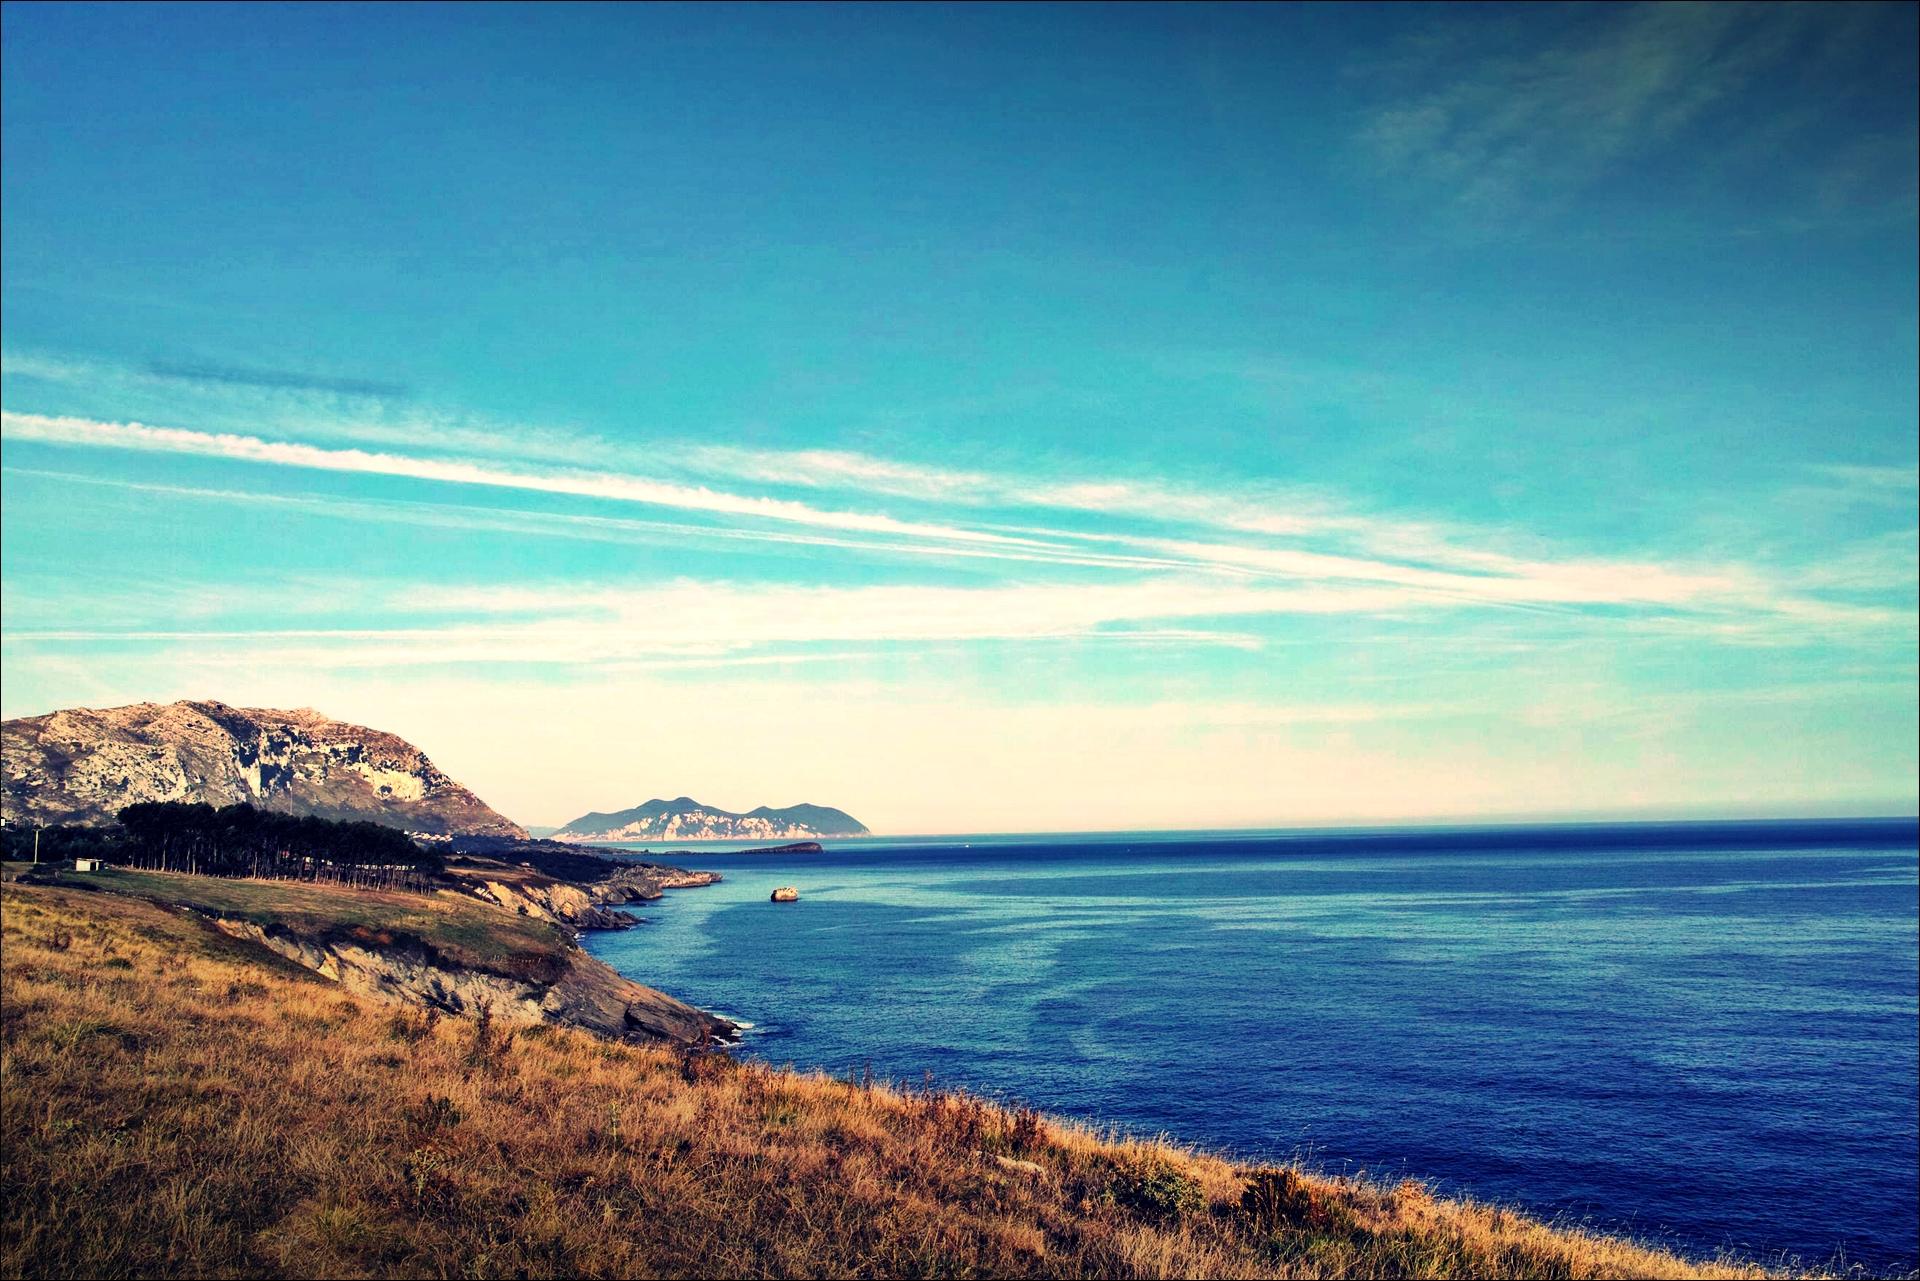 언덕과 바다-'카미노 데 산티아고 북쪽길. 카스트로 우르디알레스에서 리엔도. (Camino del Norte - Castro Urdiales to Liendo) '